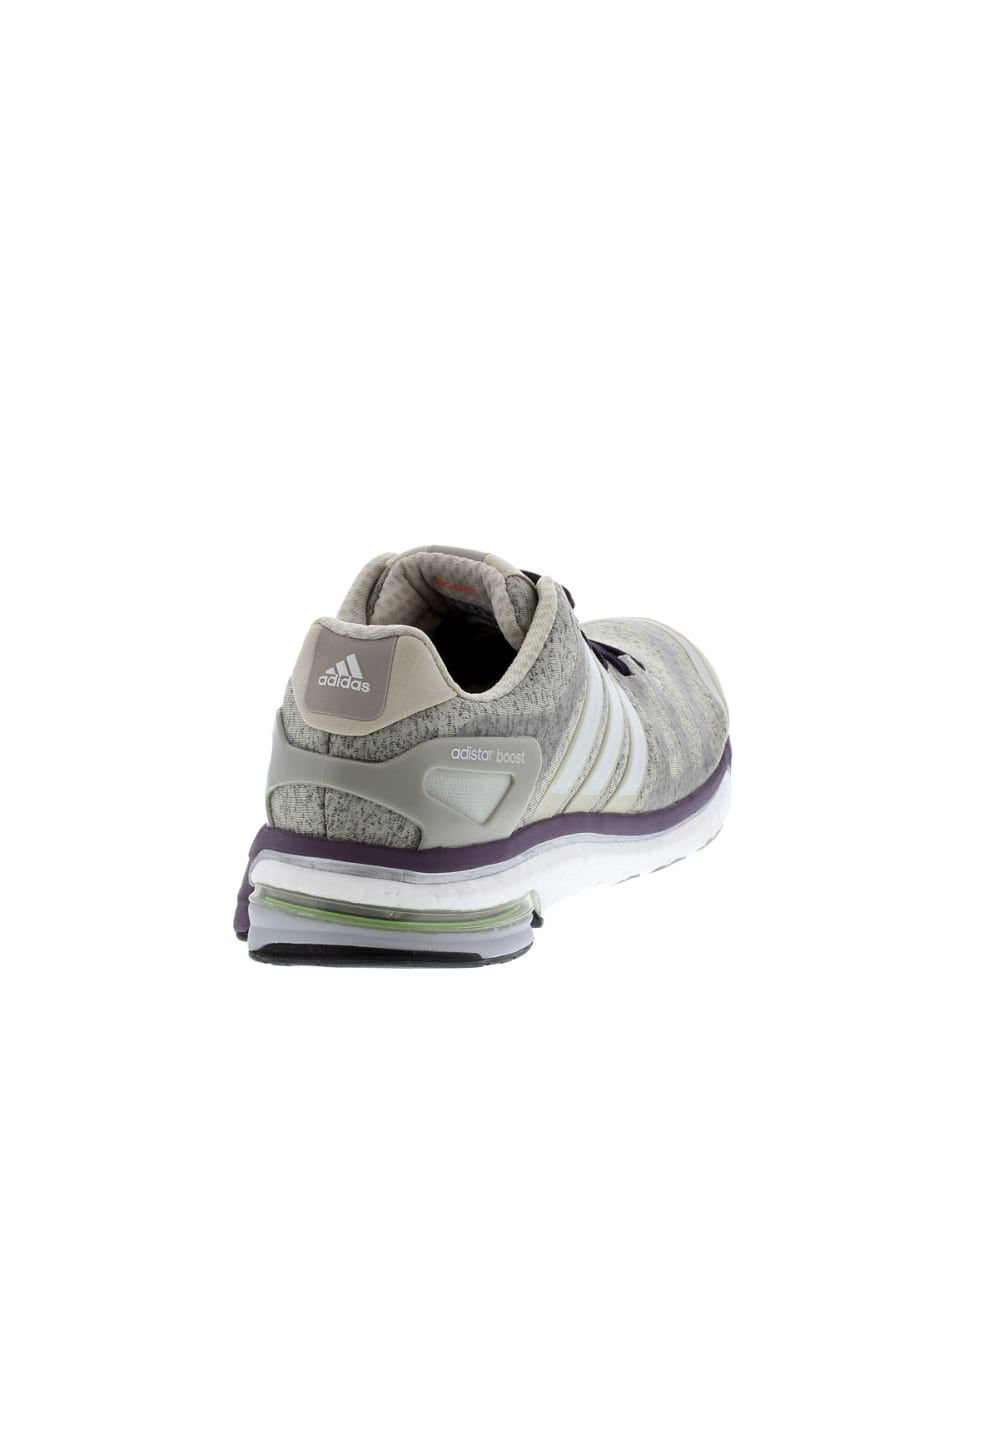 meet 1f2df 1b7c7 Next. -50%. Este producto está agotado en este momento. adidas. adiStar  Boost Heather - Zapatillas de running para Mujer